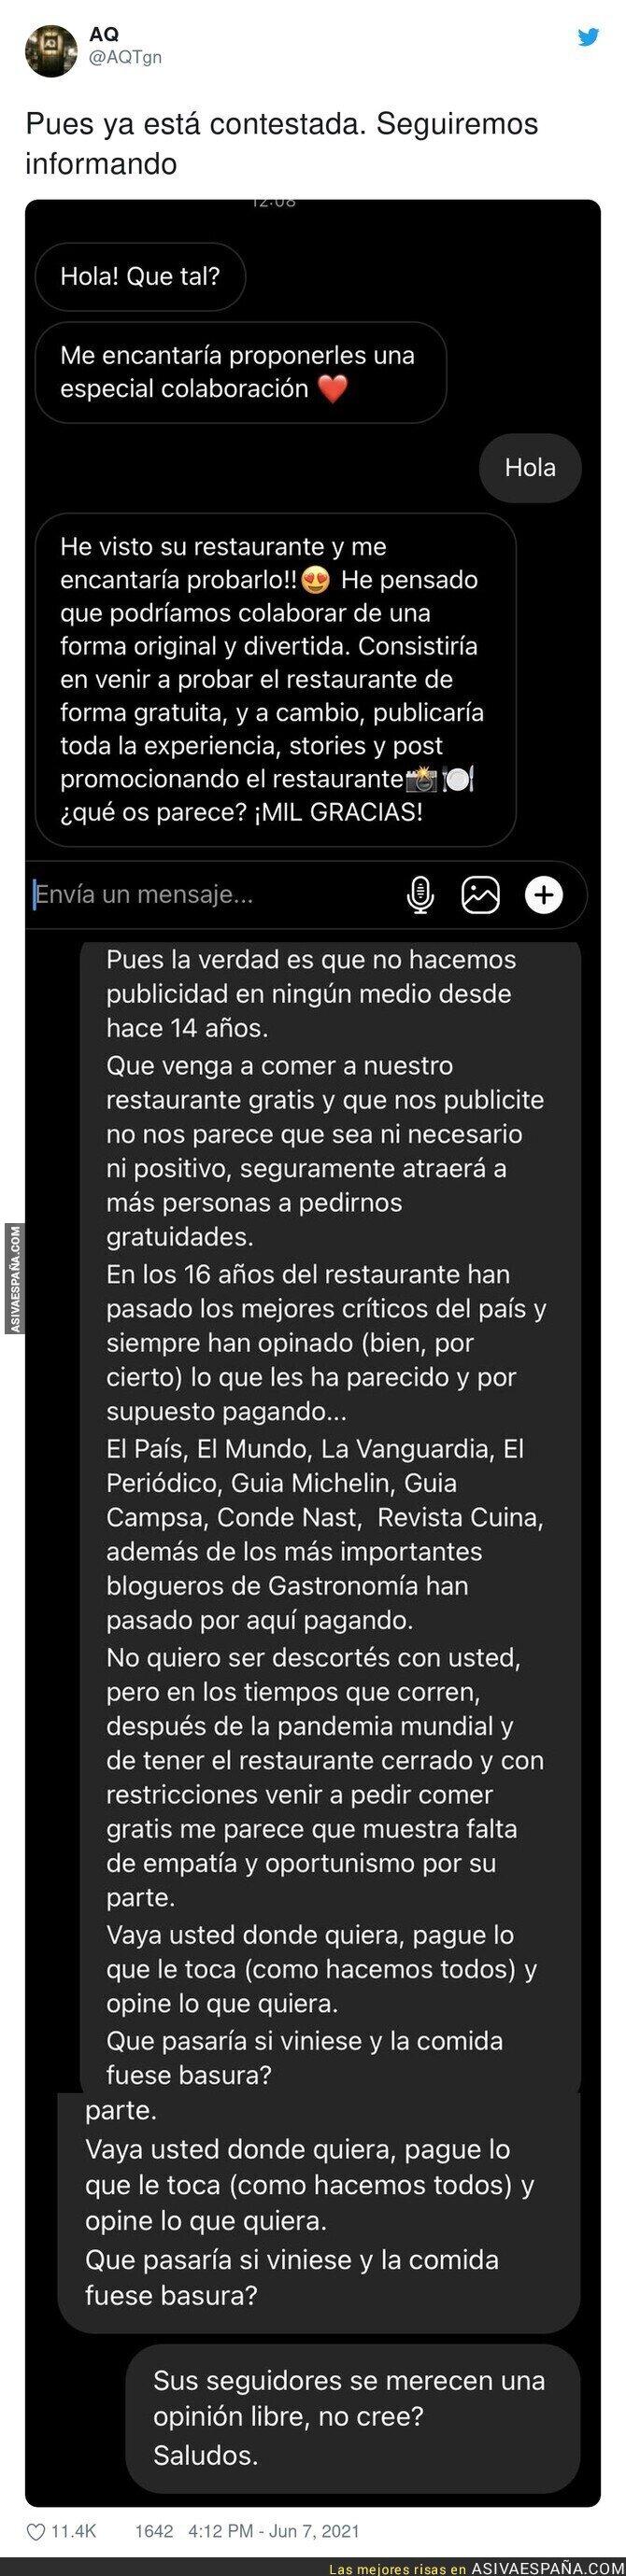 791861 - La cara más dura de este periodista tratando de ir a un restaurante de gratis a cambio de publicitarlo en su medio y la gran respuesta del dueño